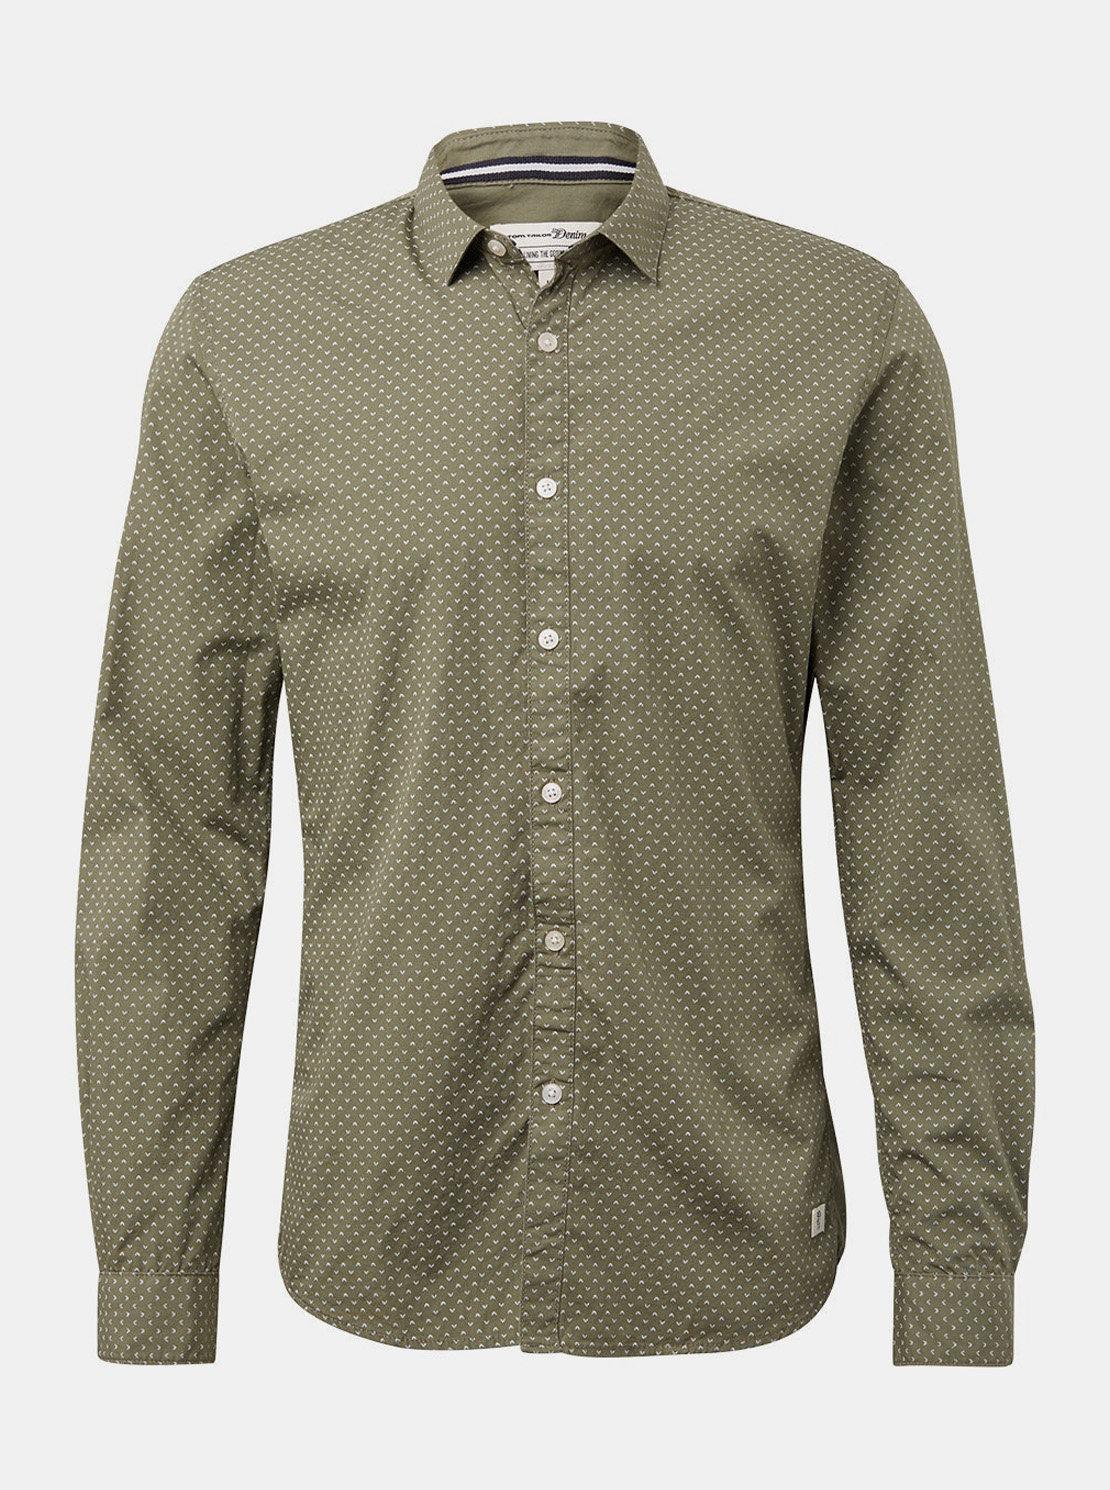 29271a294060 Khaki pánská vzorovaná košile Tom Tailor Denim ...